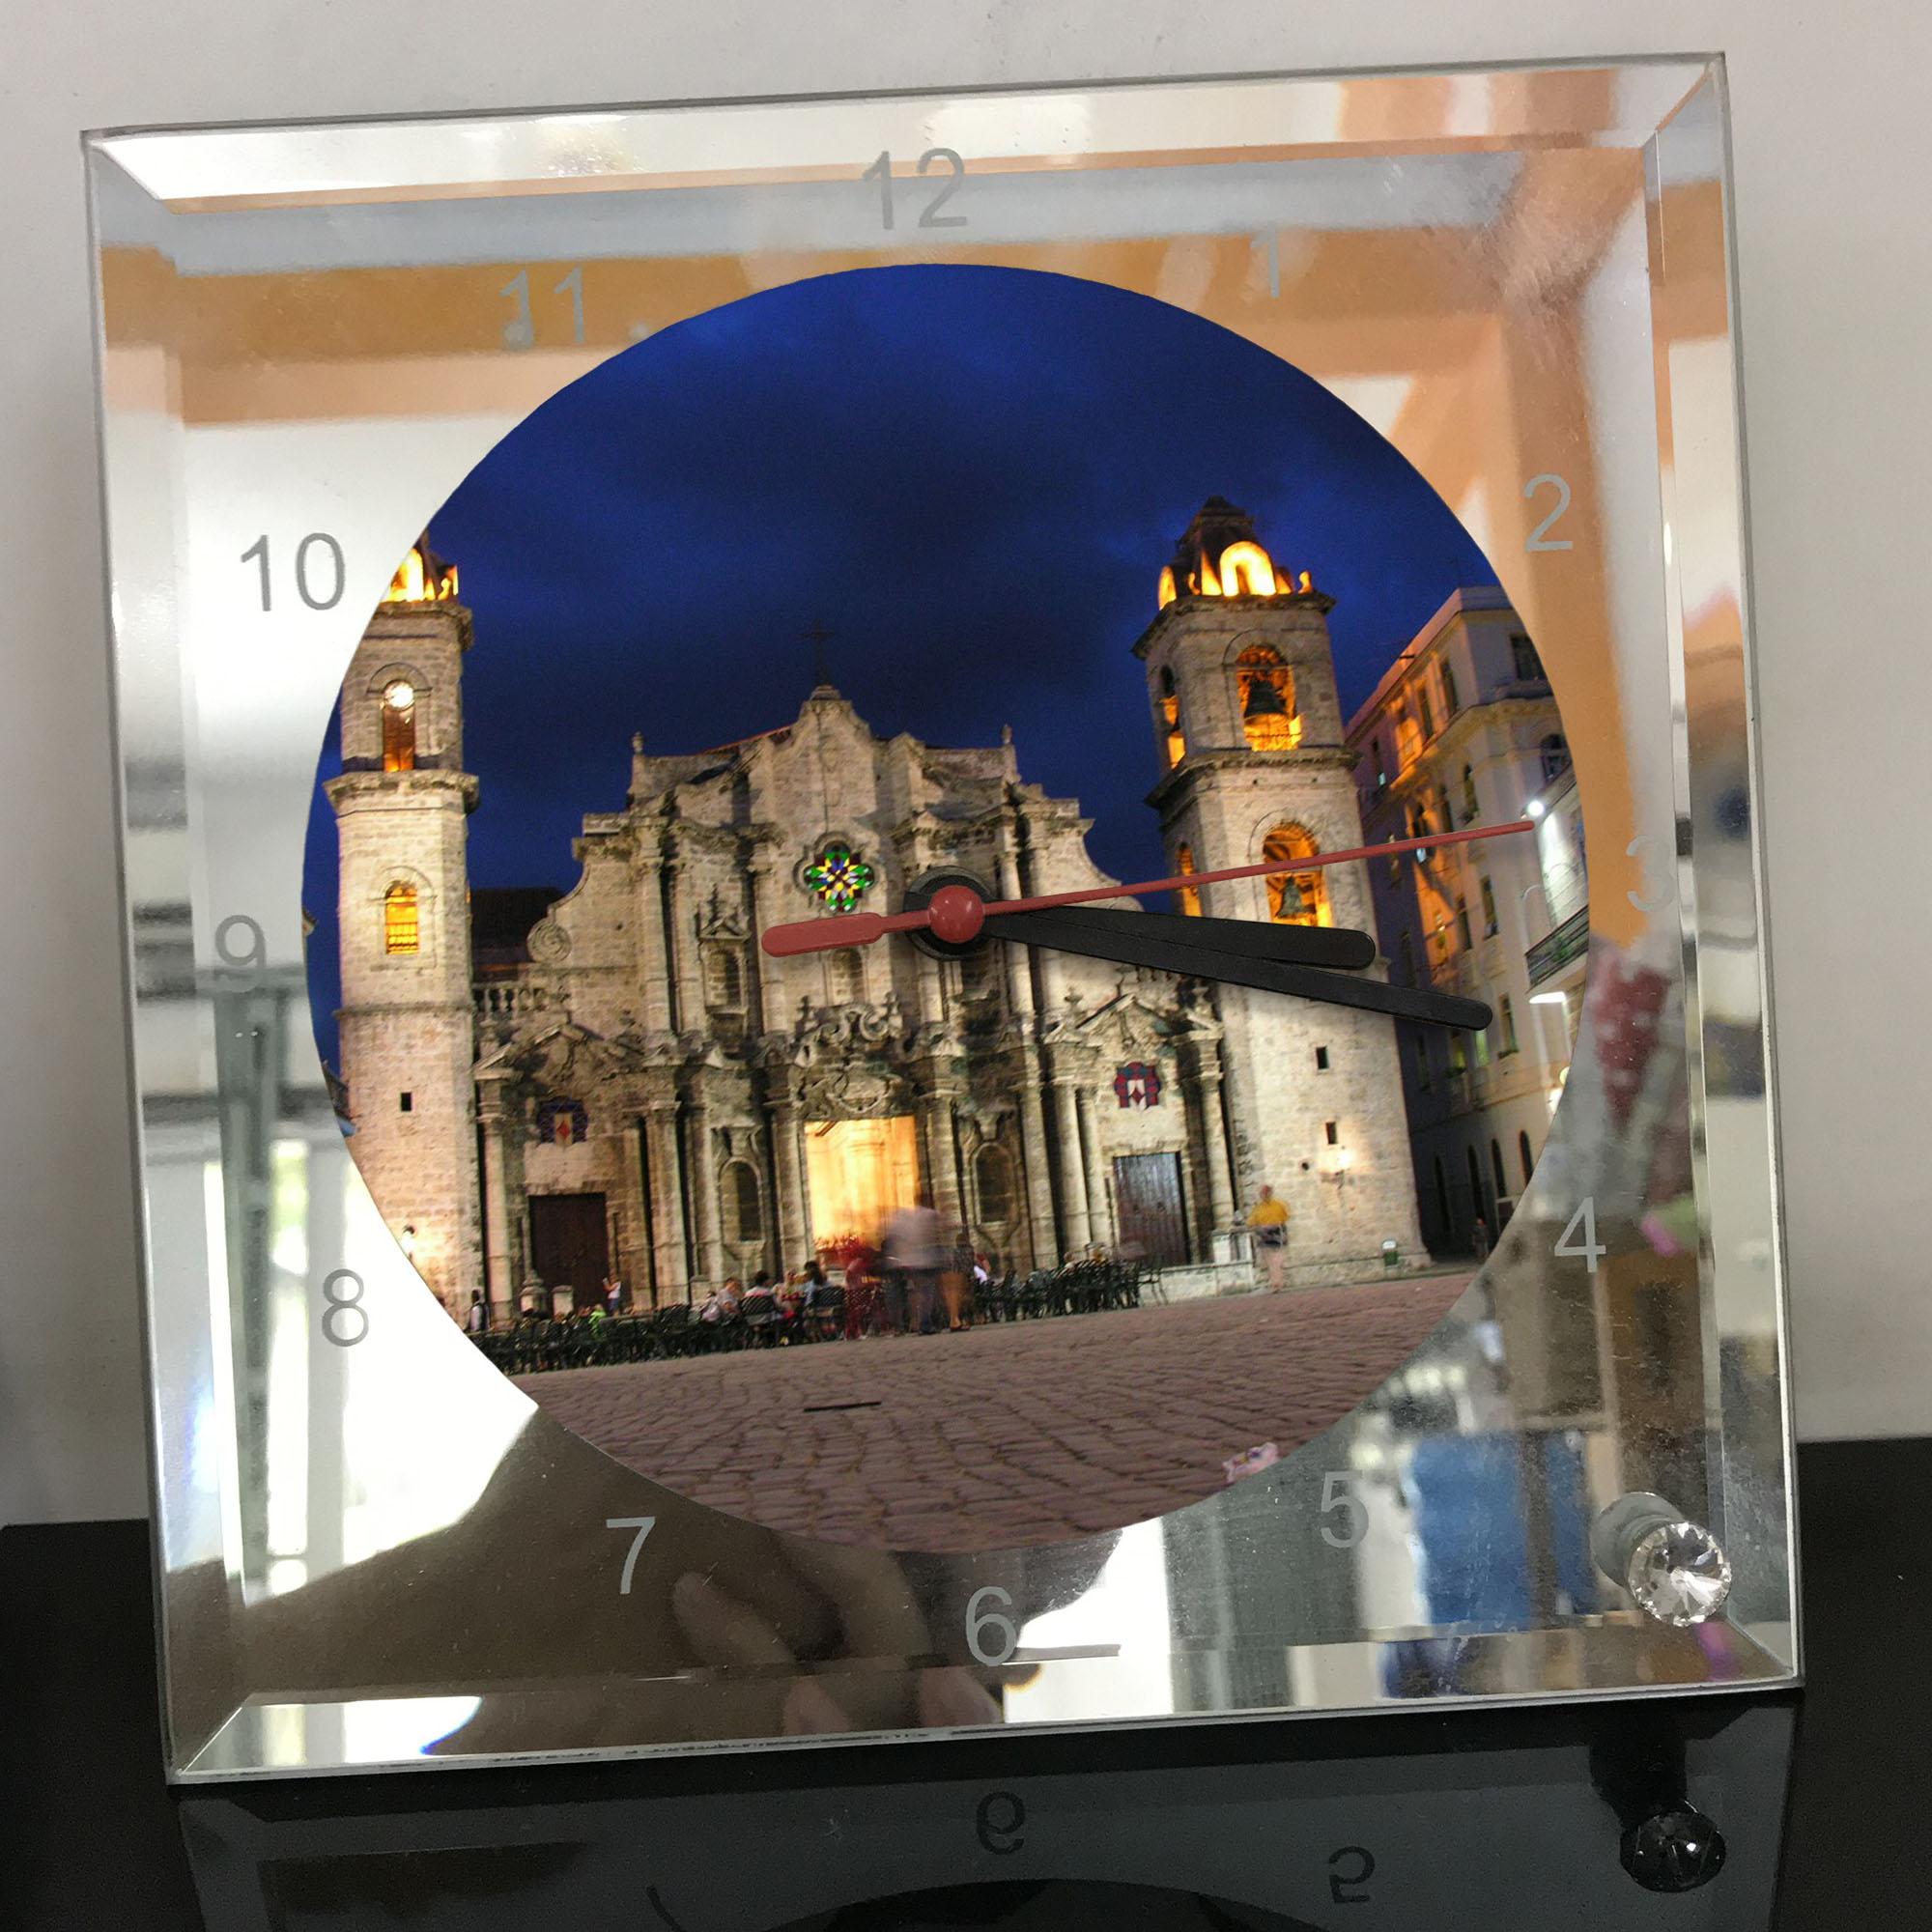 Đồng hồ thủy tinh vuông 20x20 in hình Church - nhà thờ (190) . Đồng hồ thủy tinh để bàn trang trí đẹp chủ đề tôn giáo